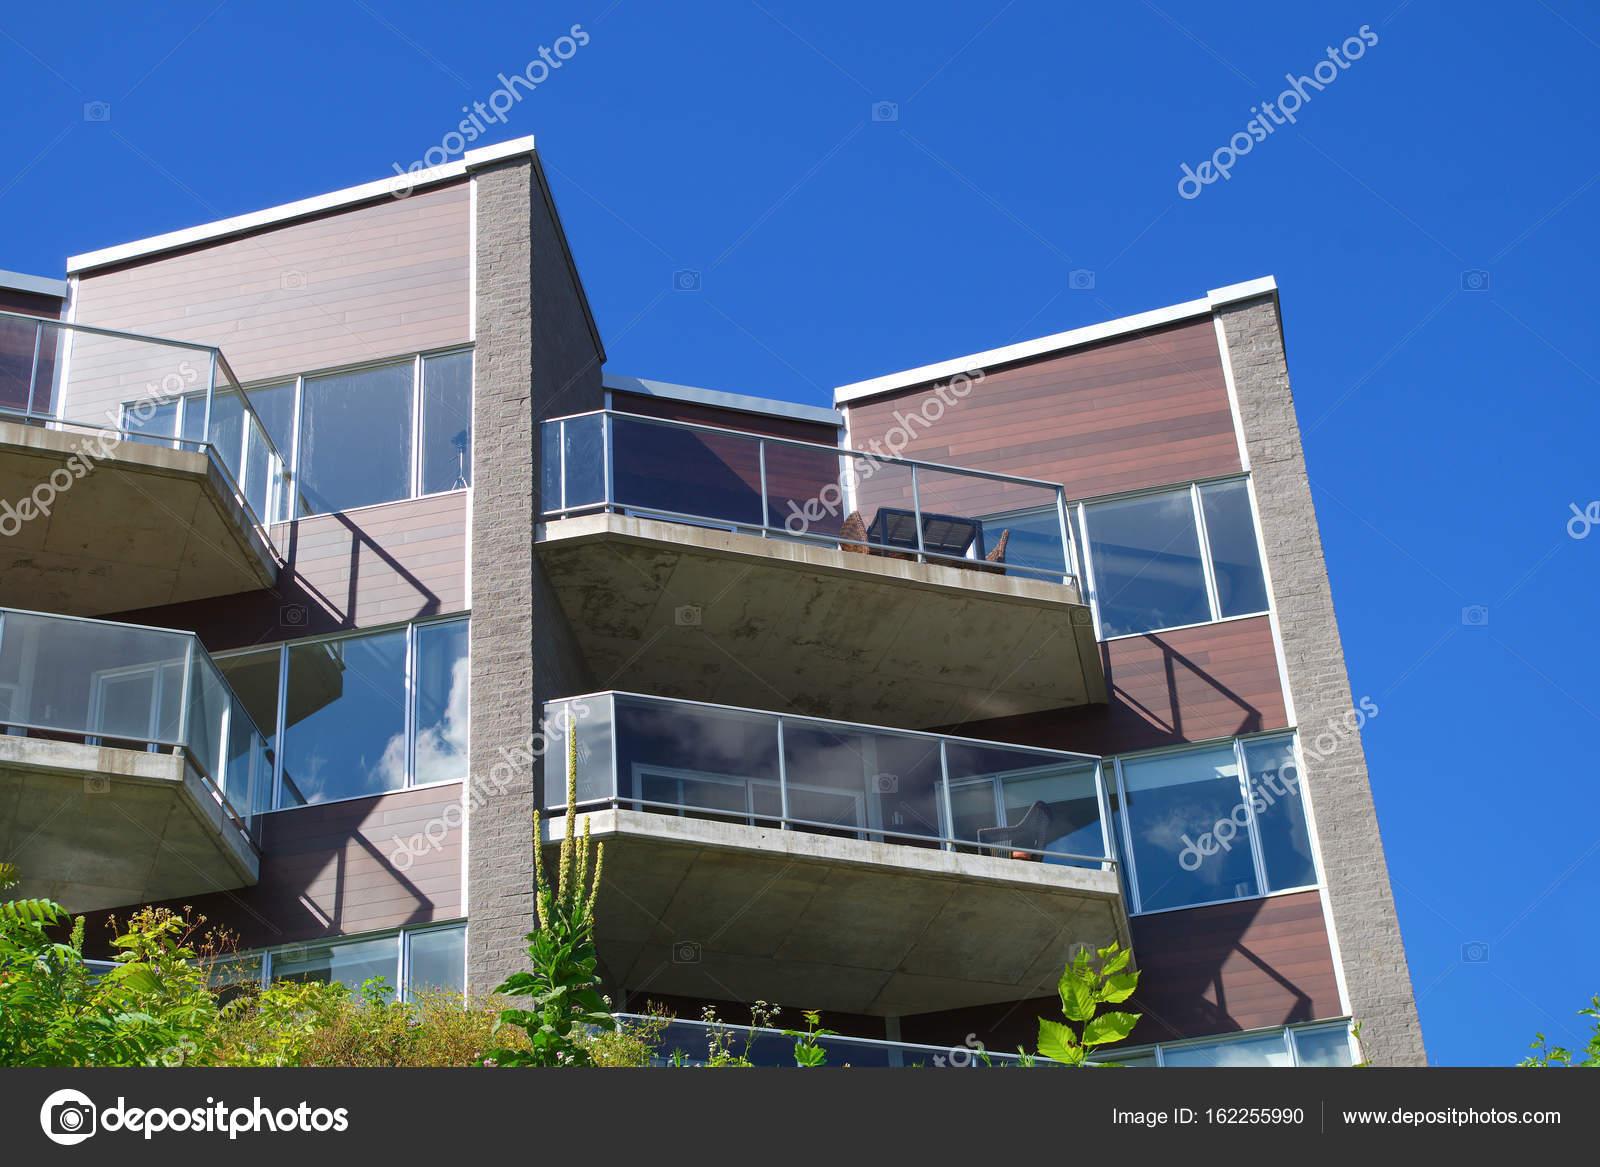 Moderne Balkone | Stadt Glas Balkone Moderne Architektur Wohn Terrasse Wohnung Bauen